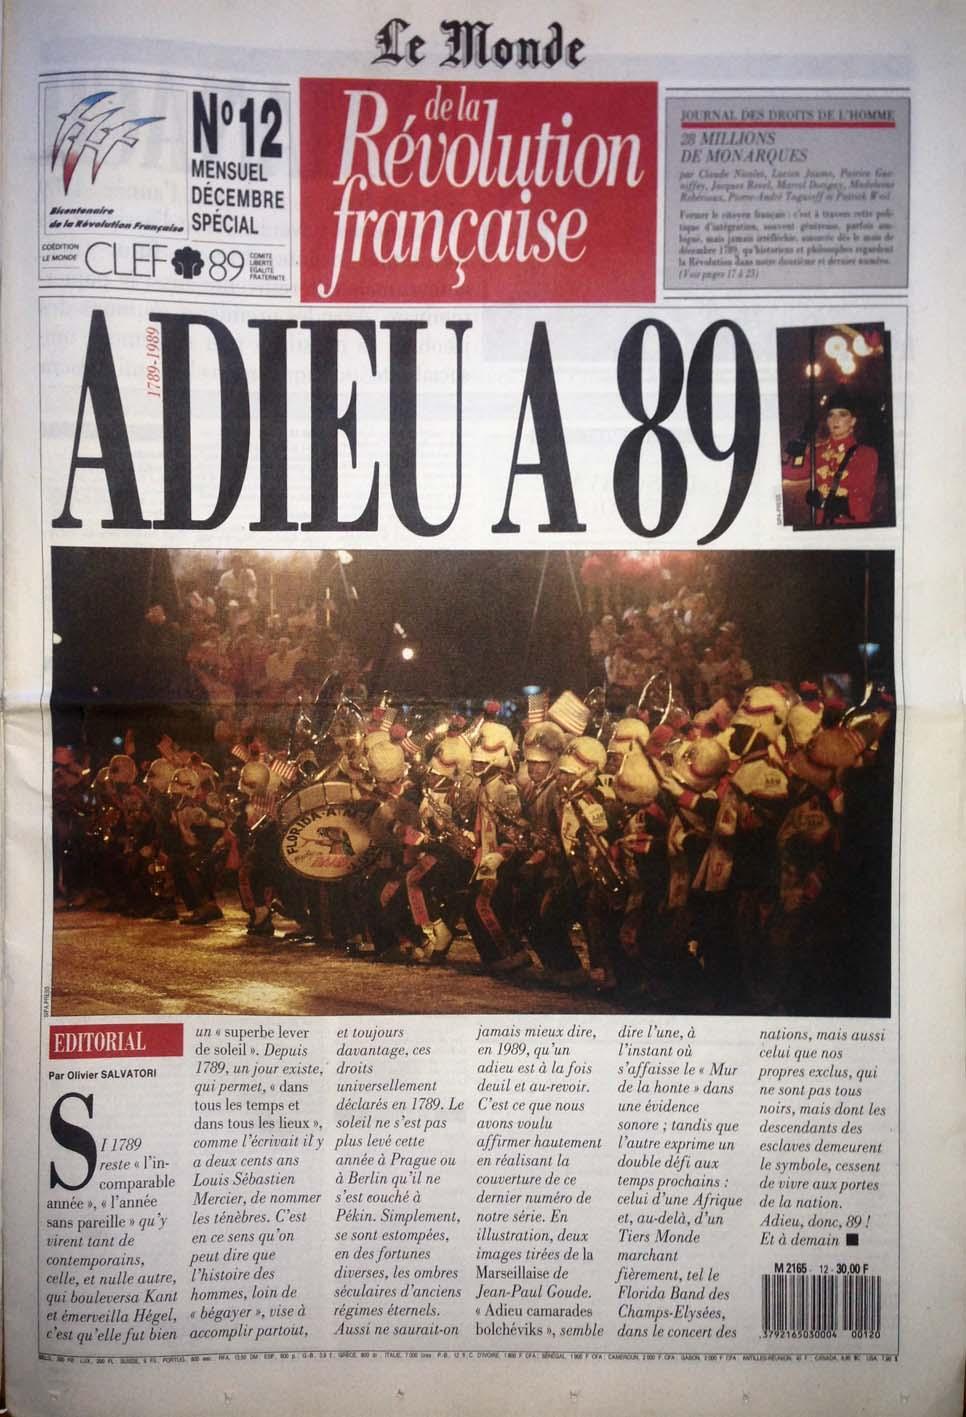 Giornale di Radio Revolution Française N°12